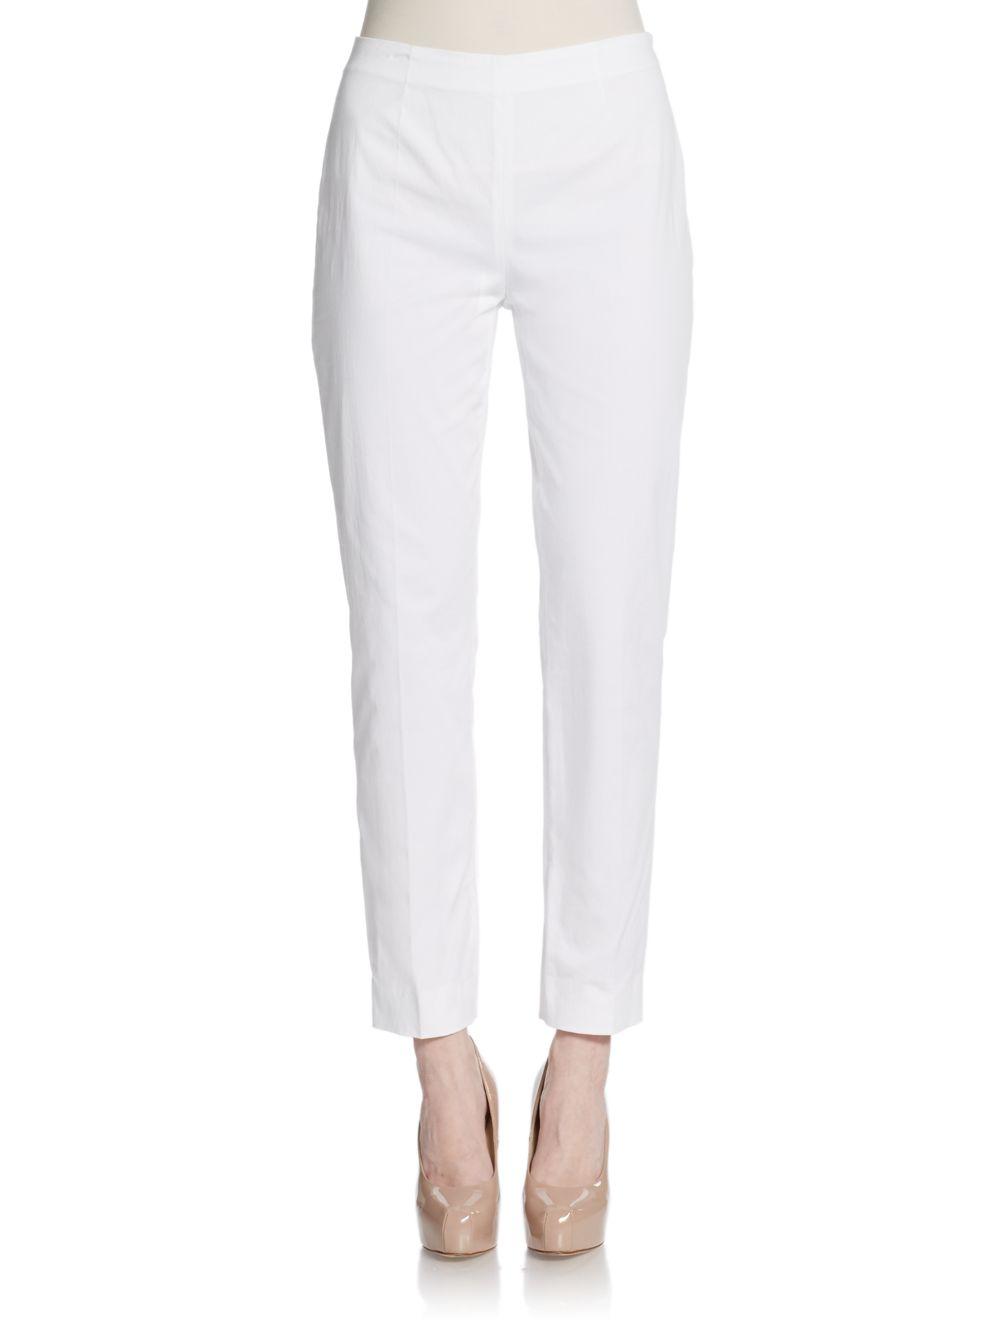 White Cropped Pants   Gpant